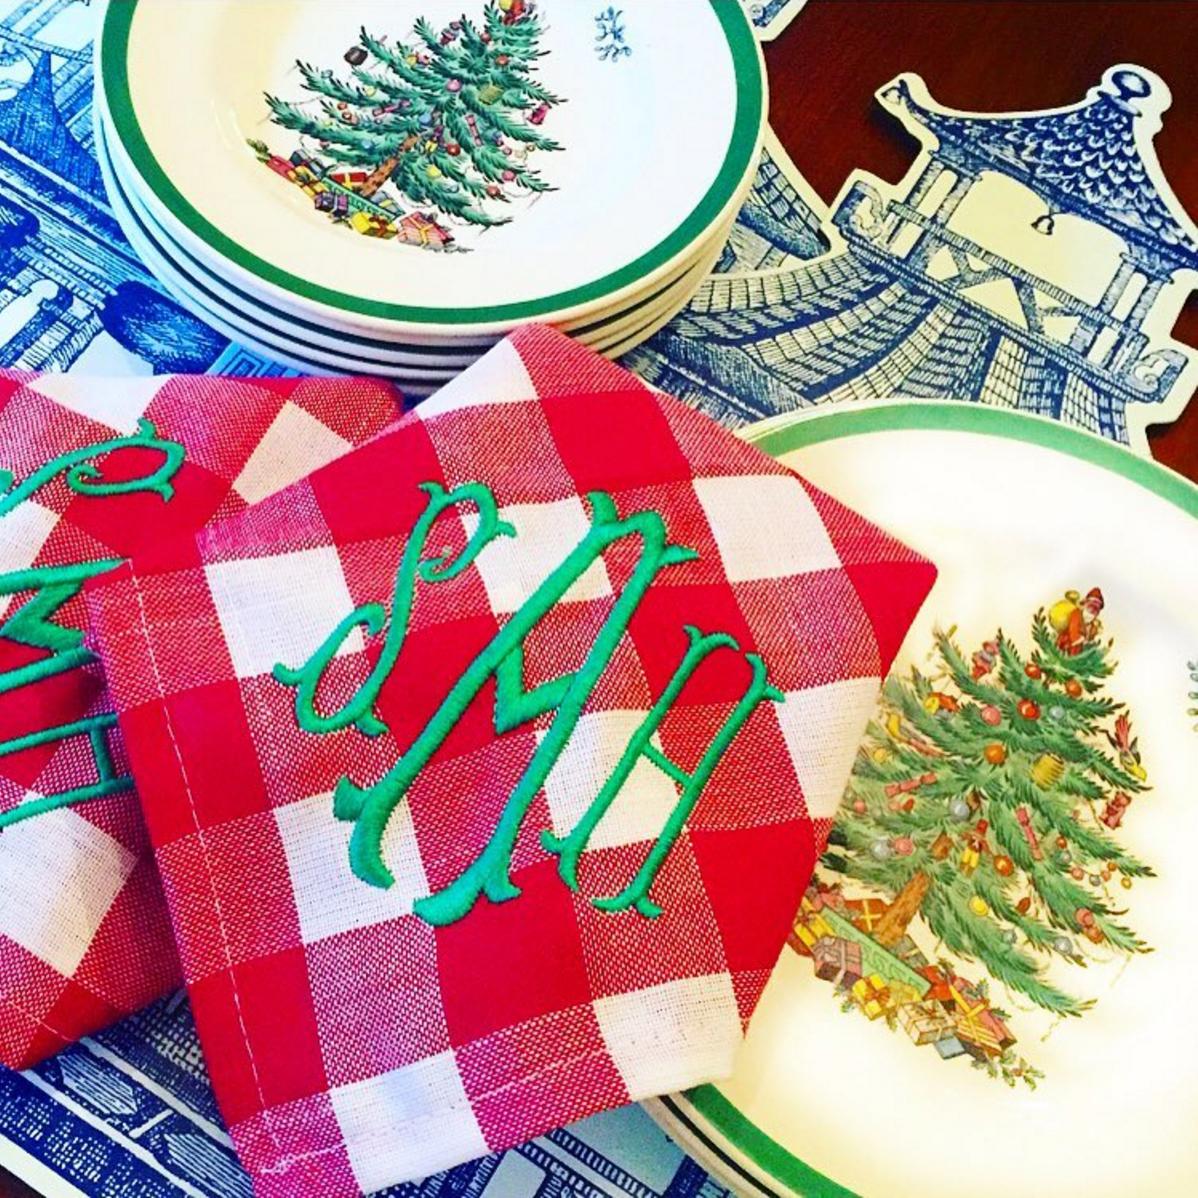 Spode Christmas Tree History: A Christmas Tradition